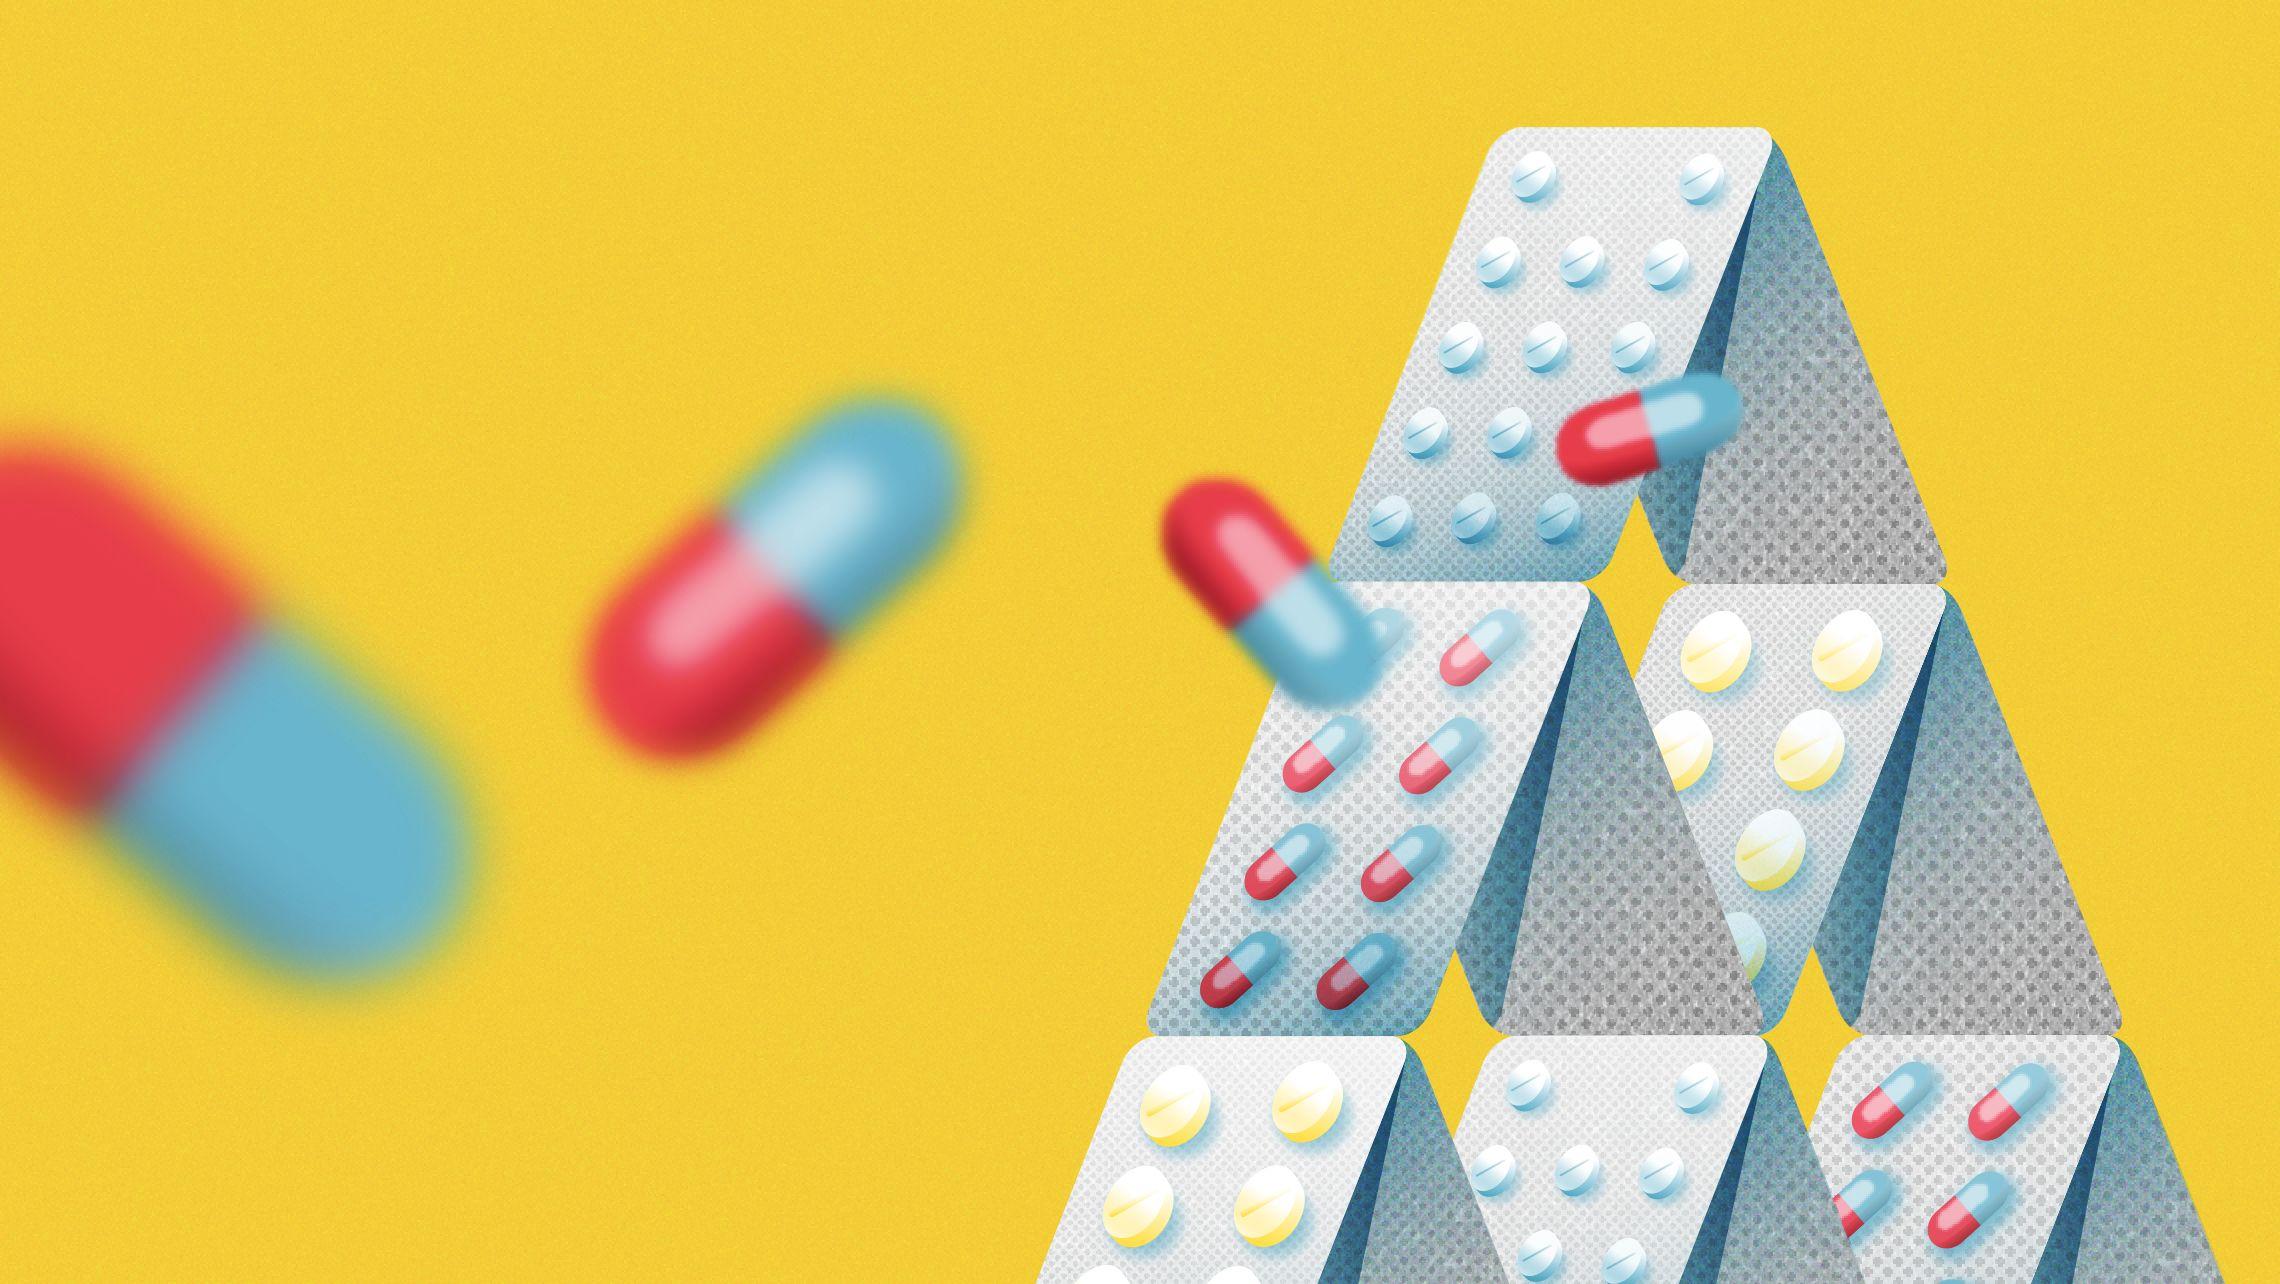 gyógyszerek pikkelysömörhöz gyógyszertárakban mennyit kell pikkelysömör kezelésére